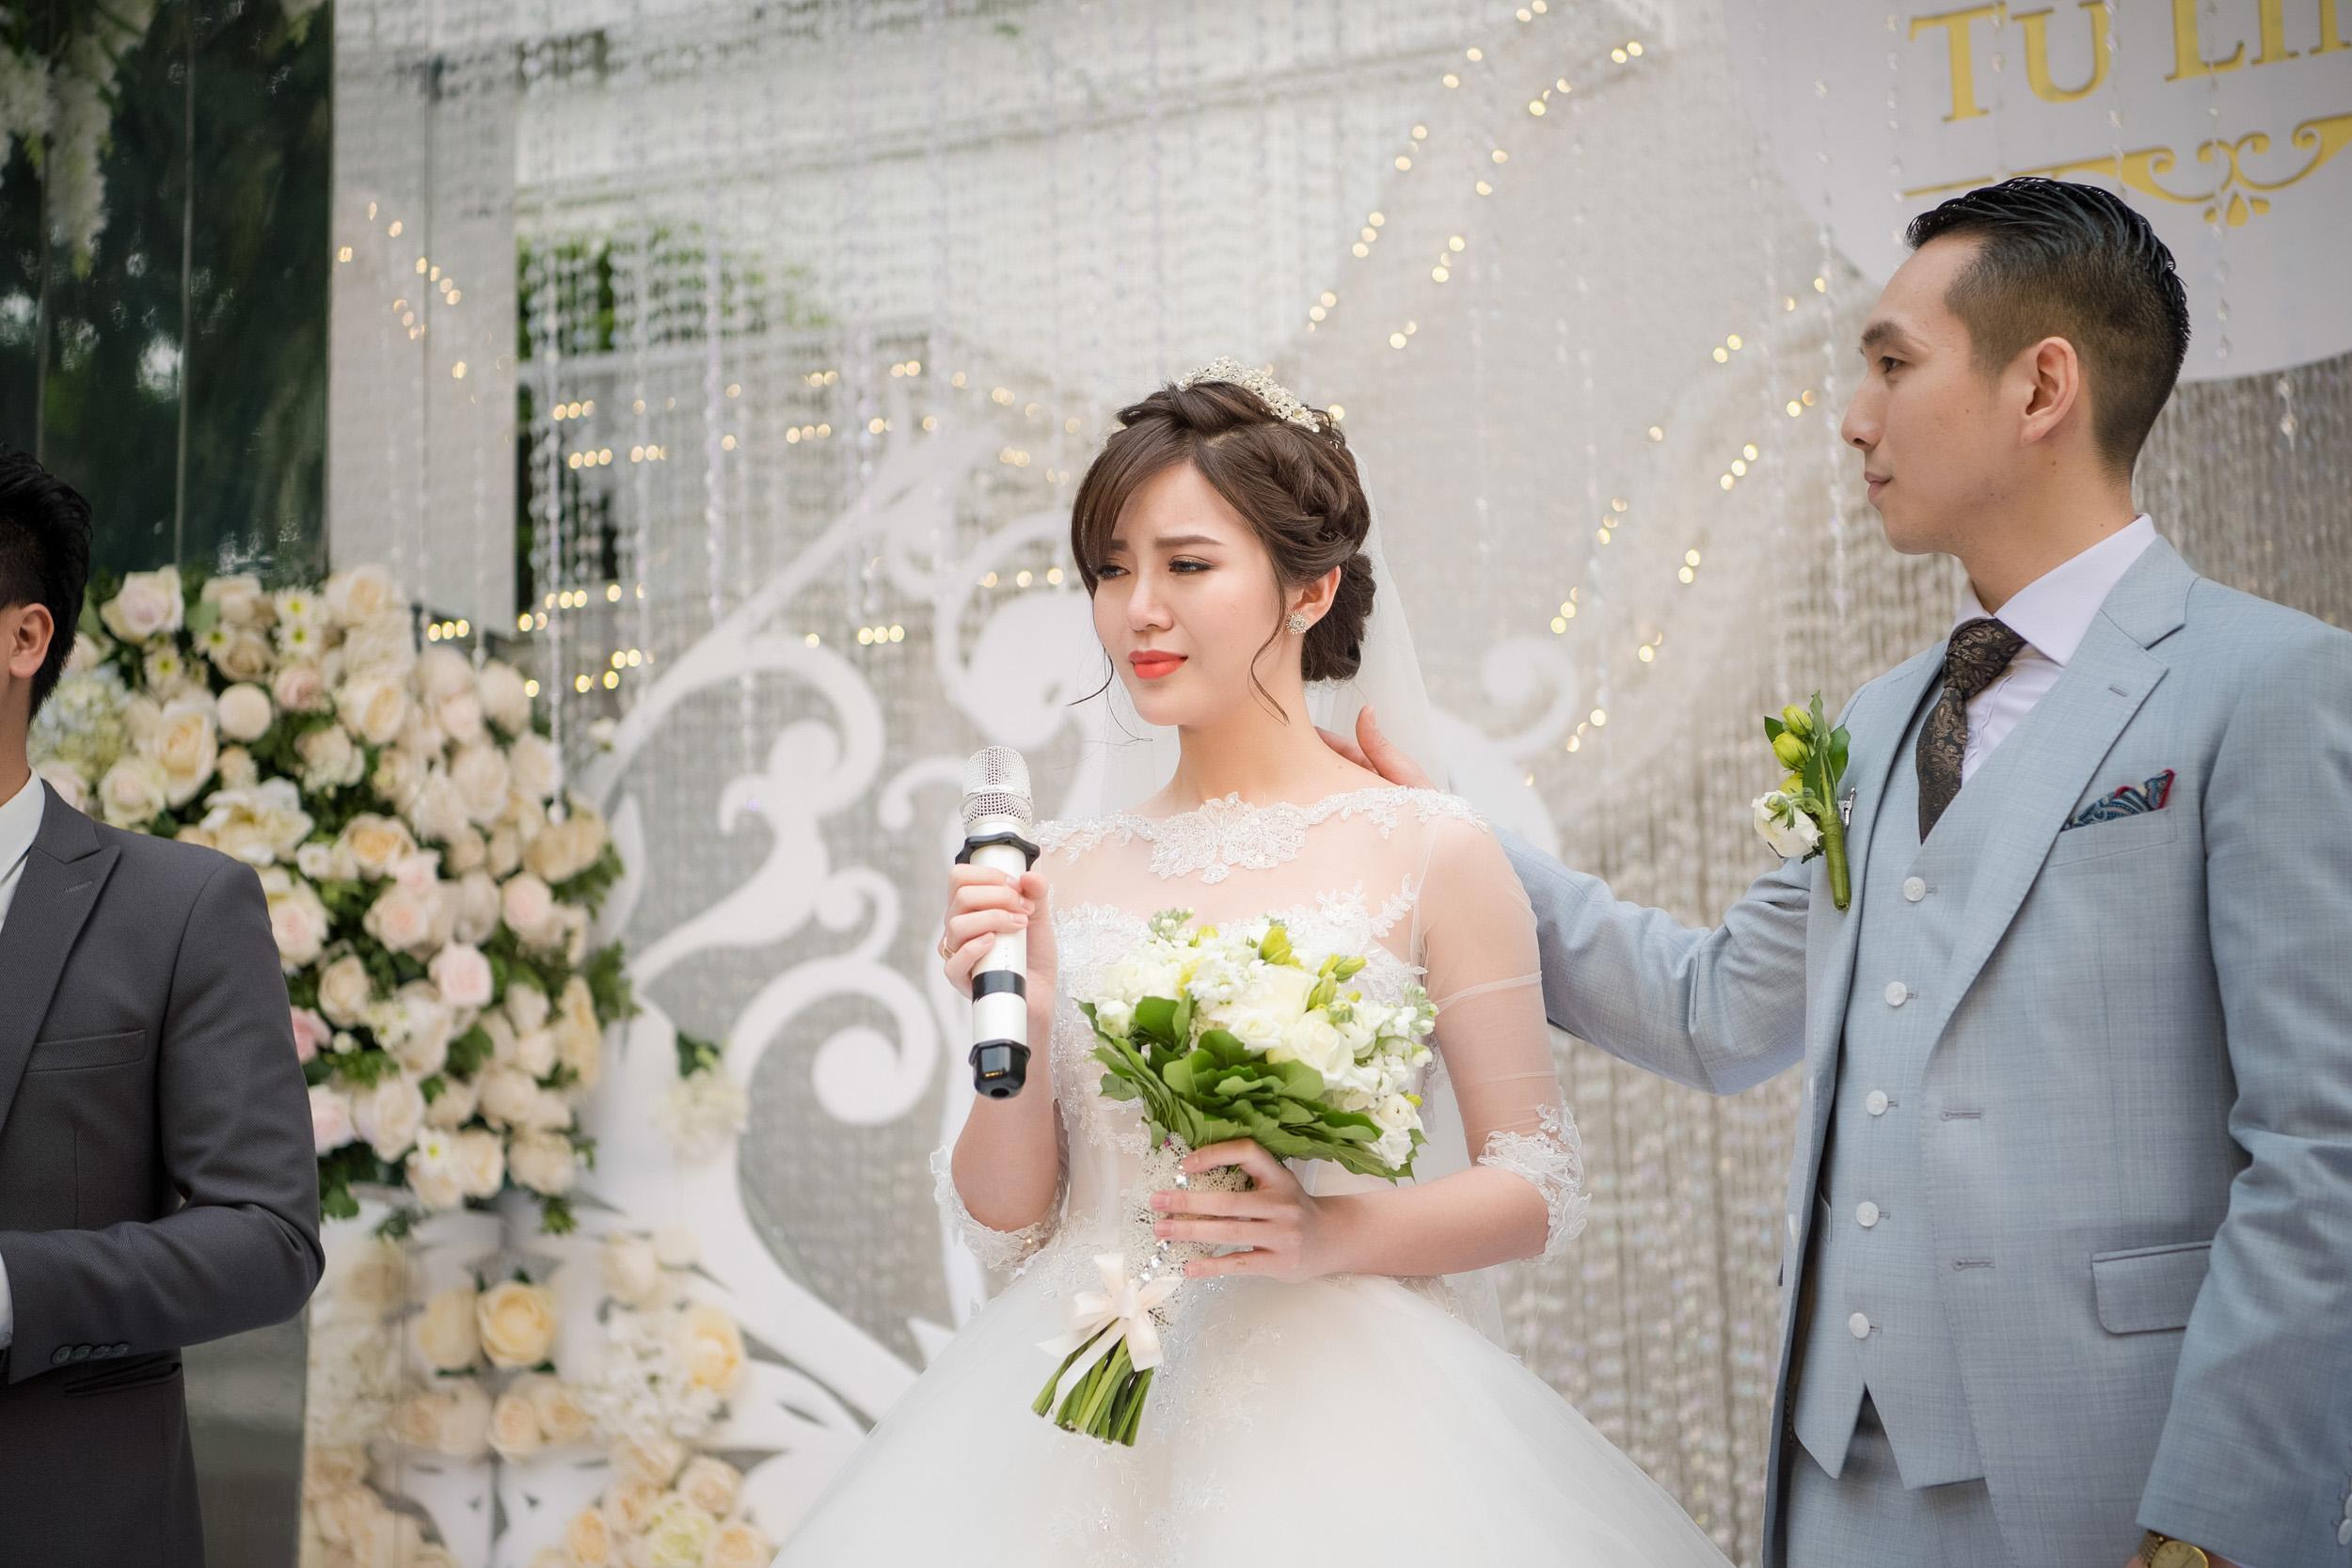 Tú Linh bật khóc cảm ơn bố mẹ chồng trong đám cưới - Ảnh 4.